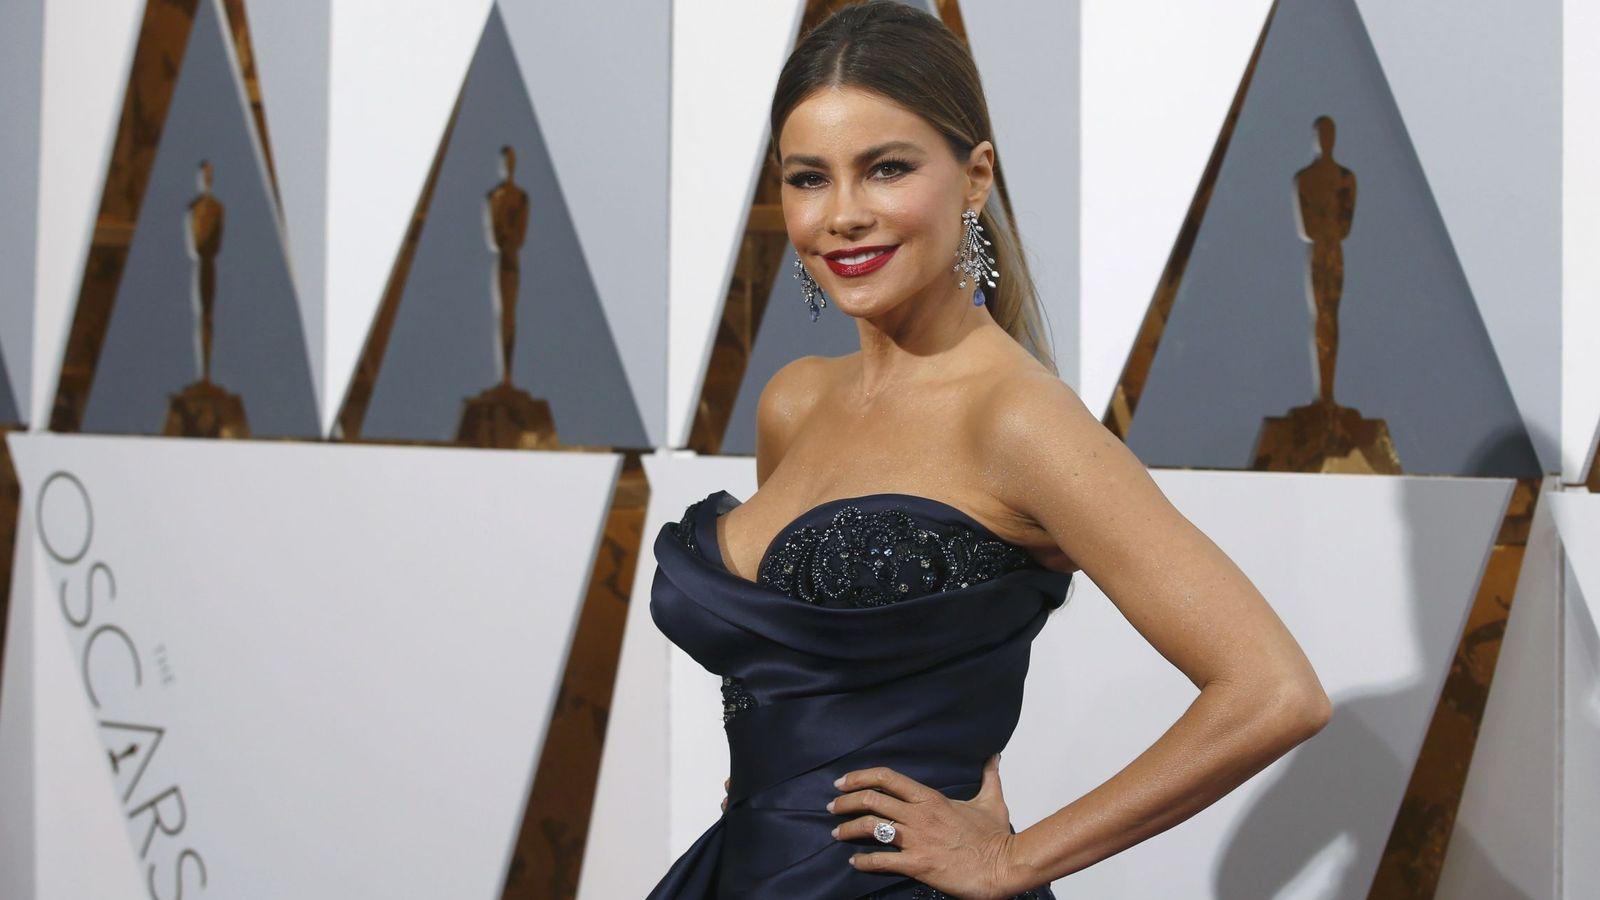 Foto: Sofía Vergara en la alfombra roja de los Premios Oscar